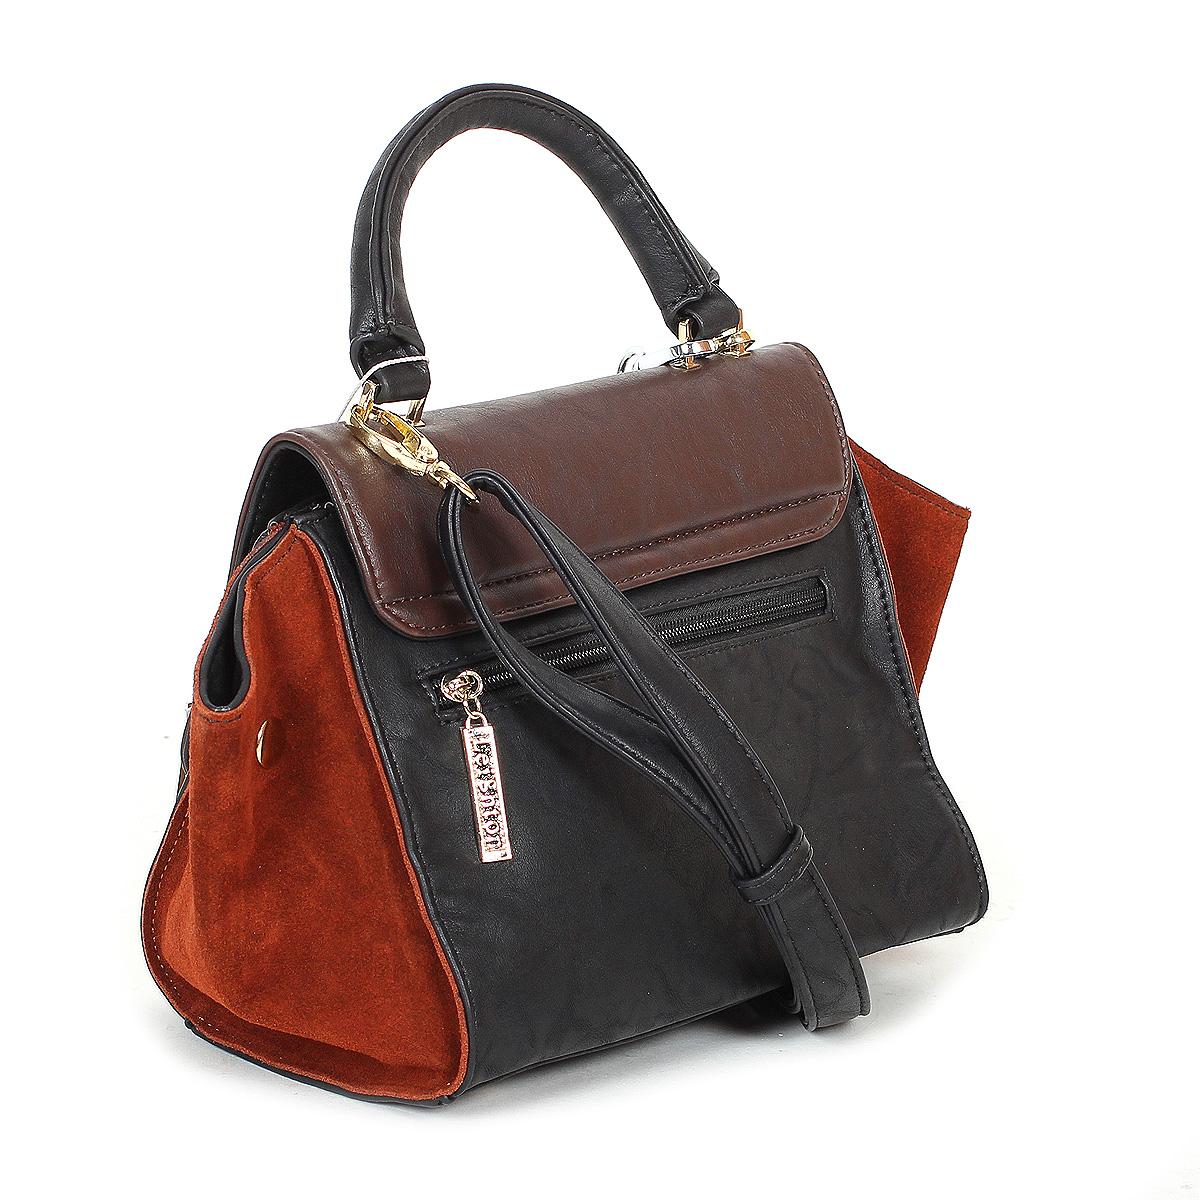 Сумка женская Leighton, цвет: черный, коричневый. 510327-6090/6093/4 ( 510327-6090/6093/4 )